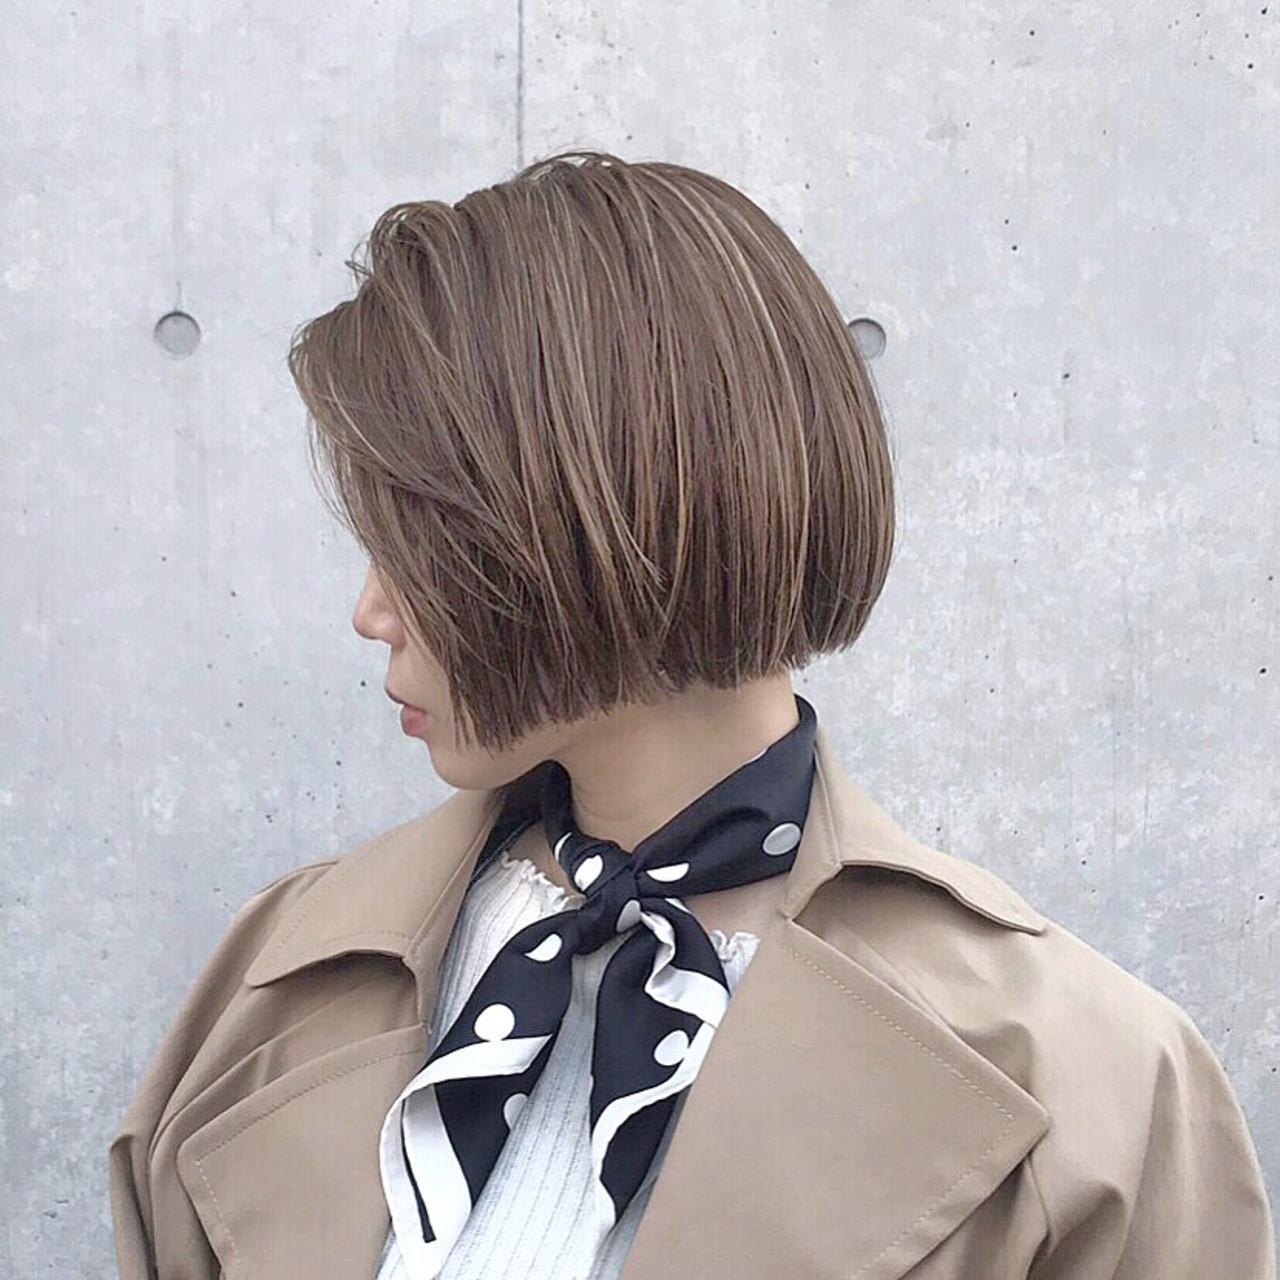 ショートボブ ボブ オフィス ミニボブヘアスタイルや髪型の写真・画像